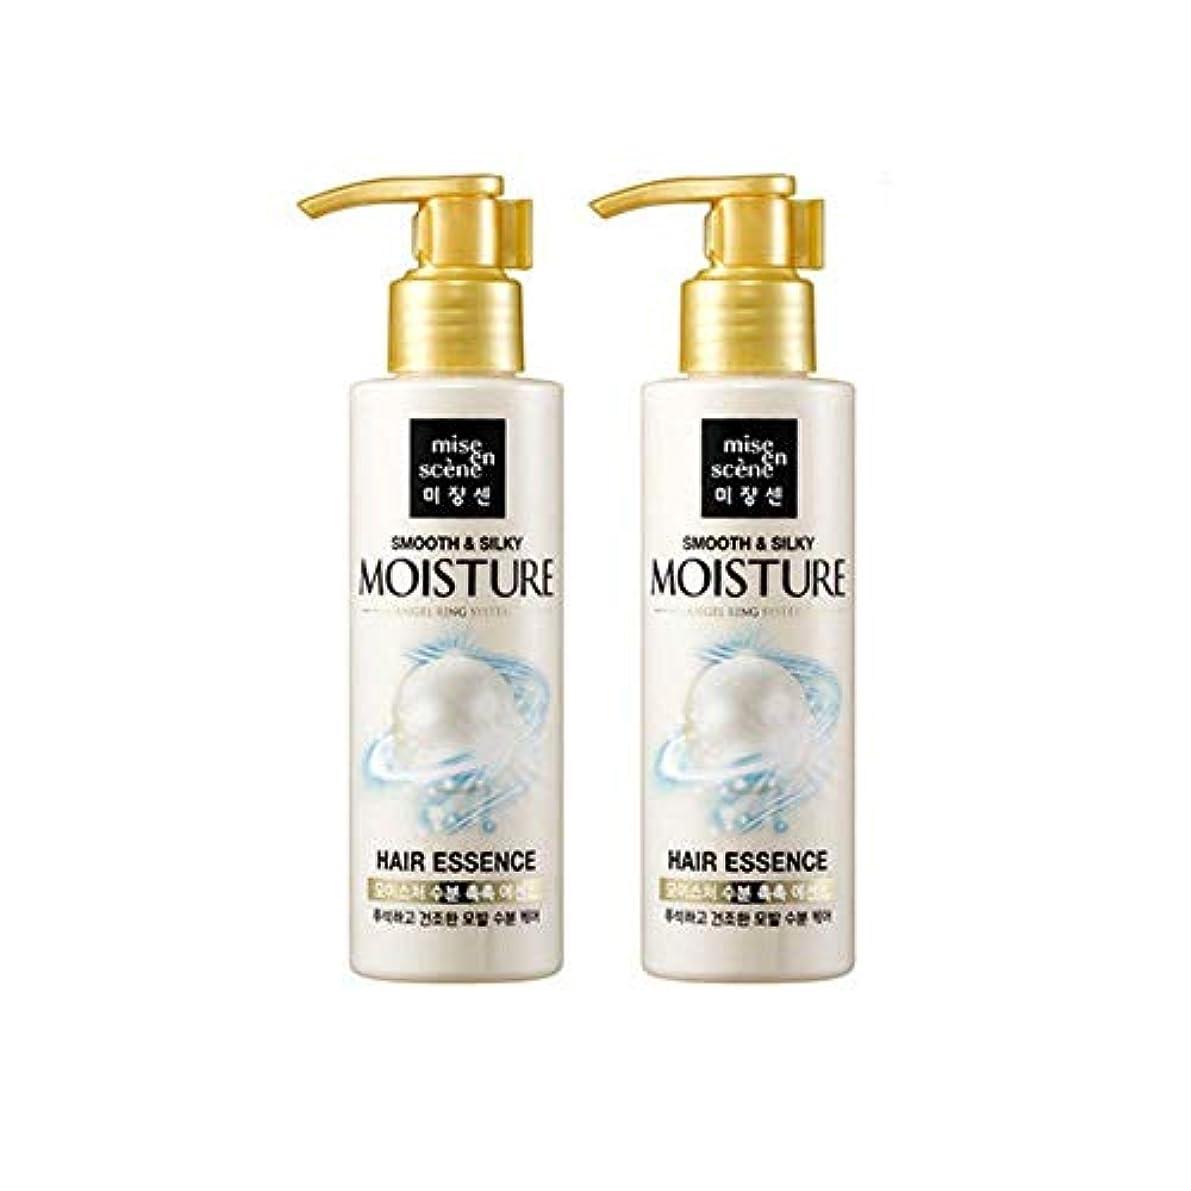 イースター誕生アマチュア[miseenscene] 1+1 ミジャンセン スムース&シルキー モイスチャー ヘアエッセンス 髪の美容液 140ml×2本(smooth&silky moisture hair essence 140ml×2)